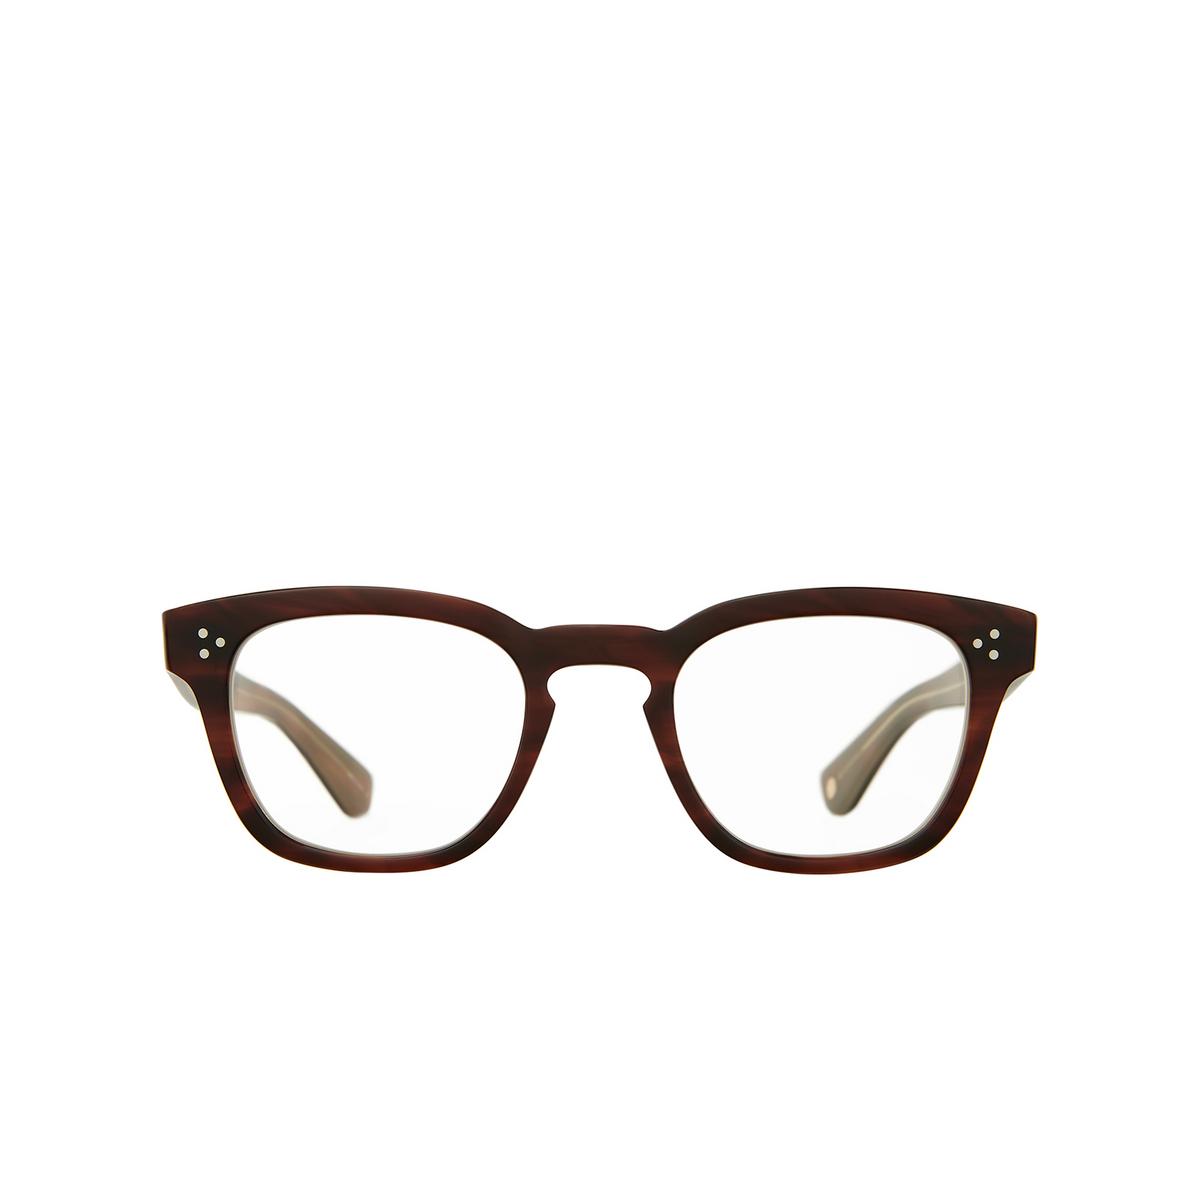 Garrett Leight® Square Eyeglasses: Regent color Whiskey Tortoise Wht - front view.